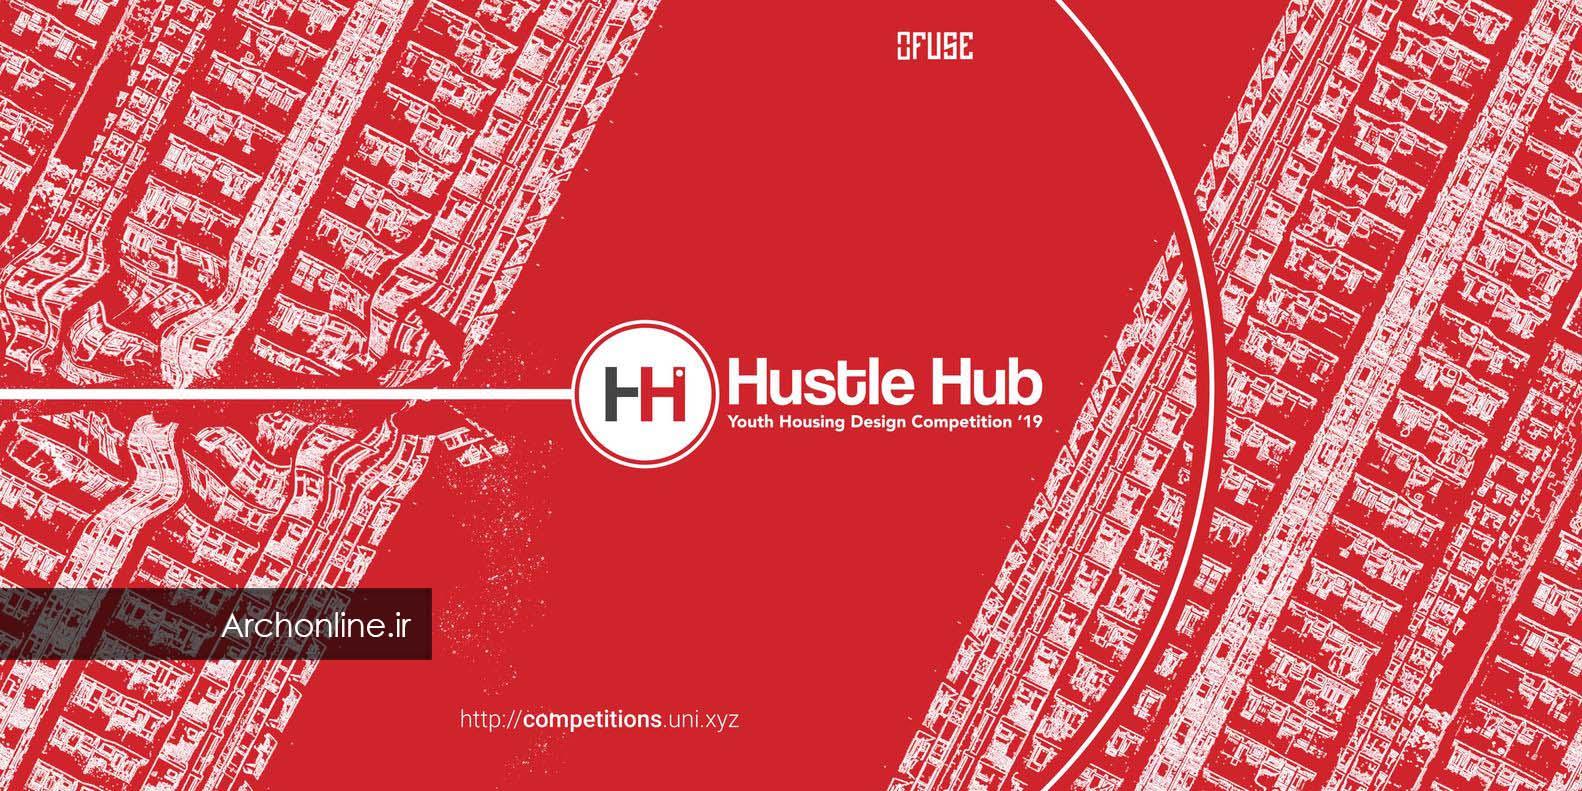 فراخوان رقابت طراحی مسکن سال 2019 در روسیه - پروژه Hustle Hub